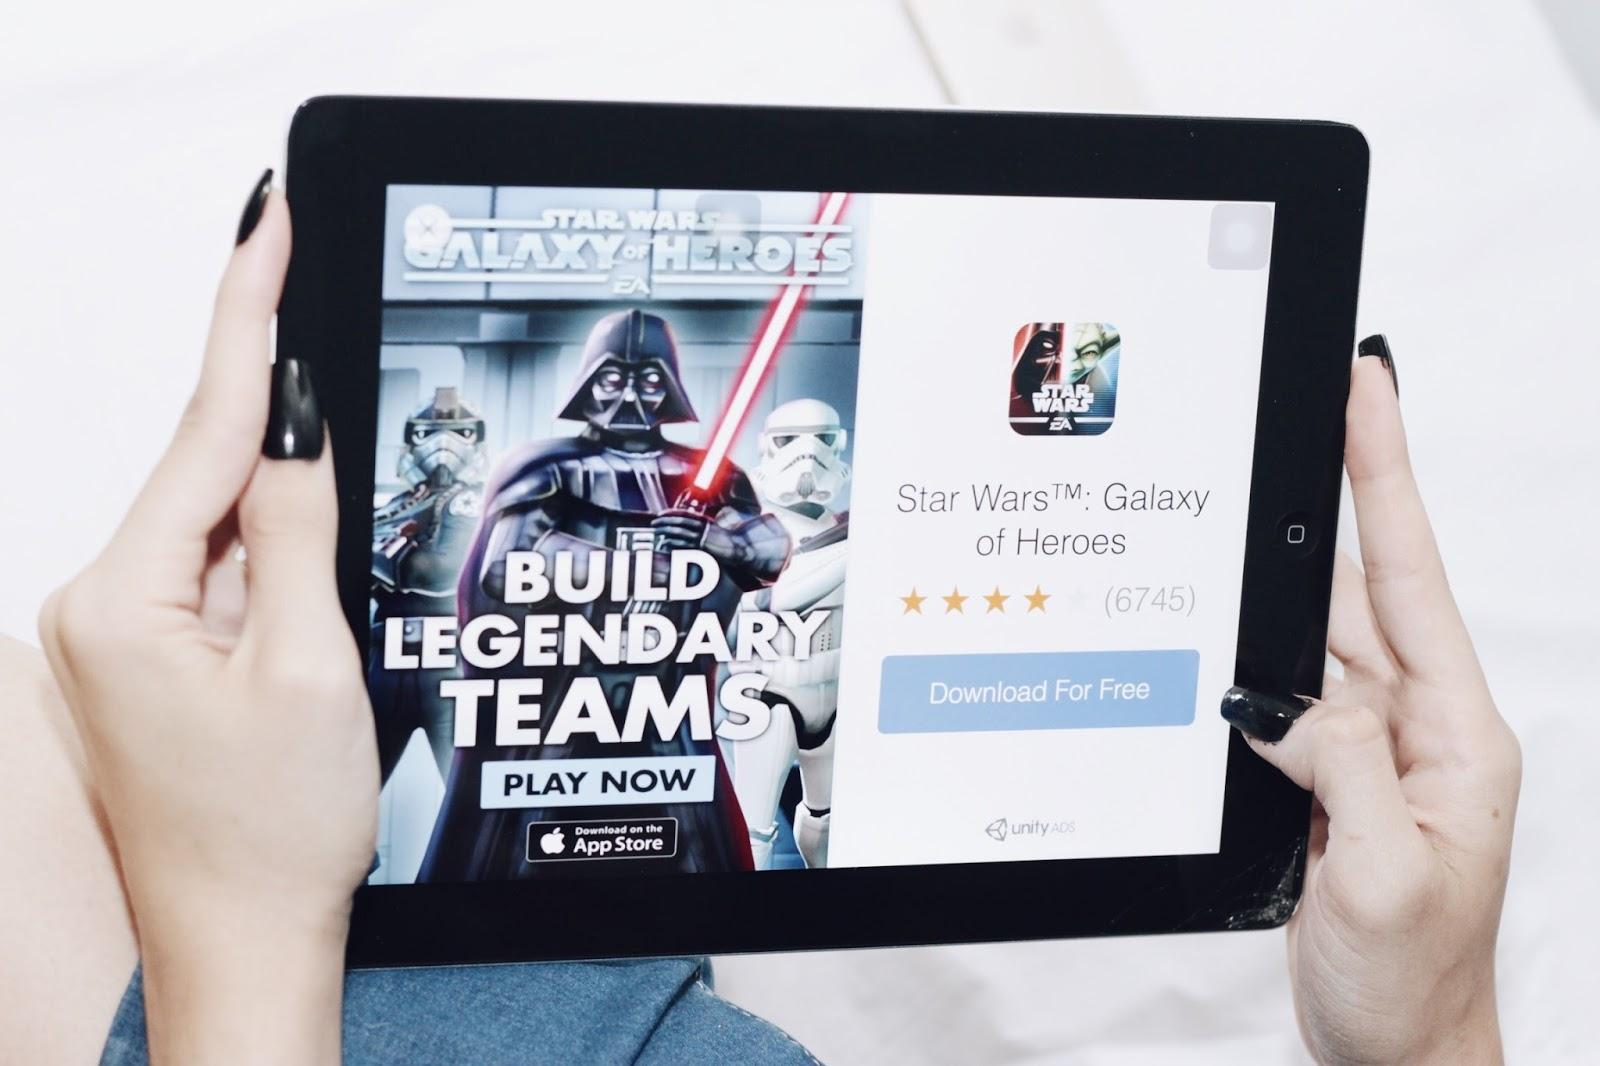 app-da-semana-game-jogos-para-celular-star-wars-lipstickandpolaroids